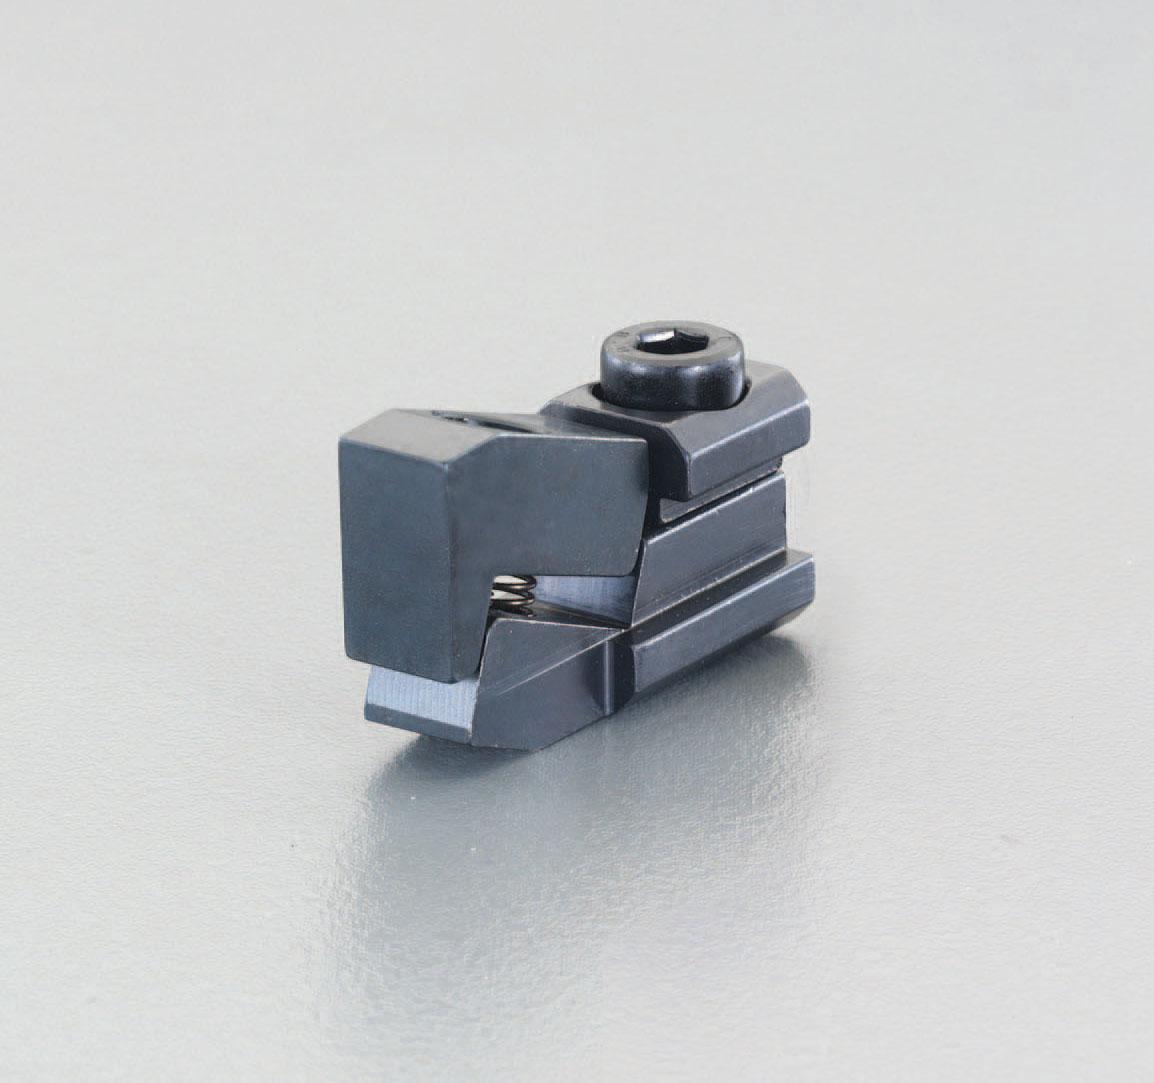 ESCO エスコ 工具 呼16/2.5-17.0mmプルダウンクランプ(2個)